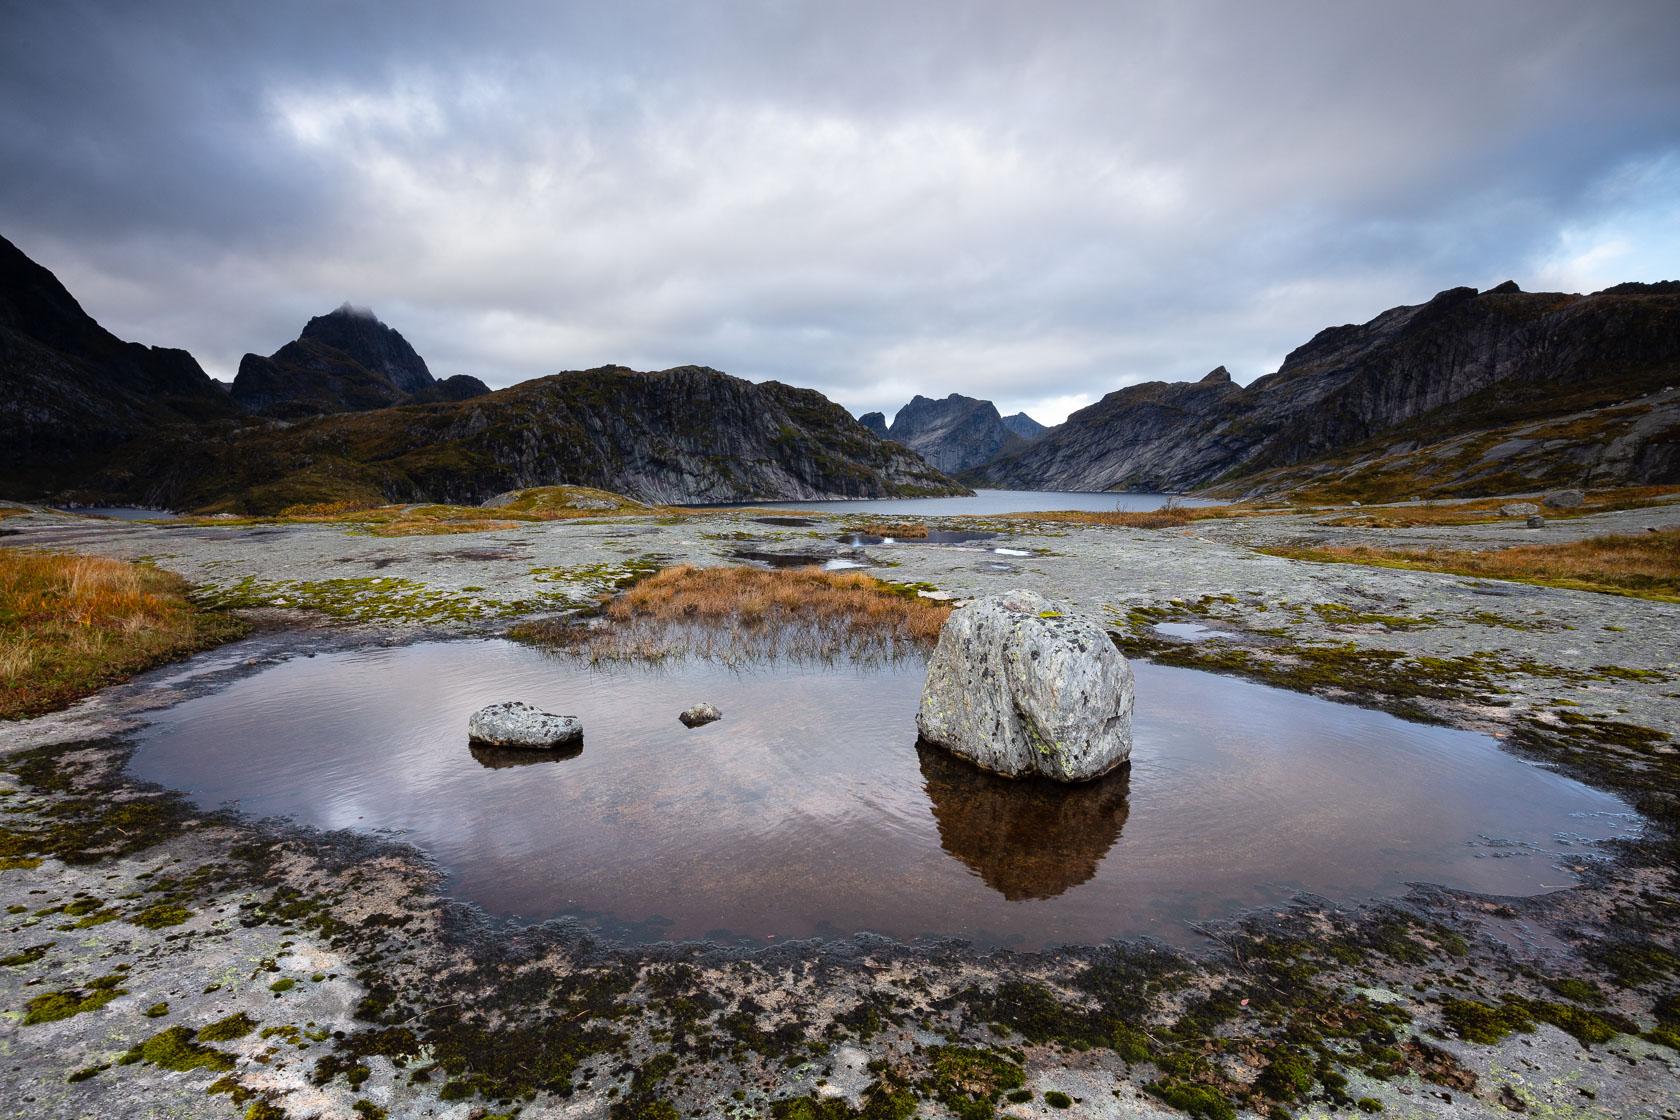 blocs erratiques et érosion glaciaire au Solbjornvatnet, sur l'île de Moskenes, dans les Lofoten, en Norvège